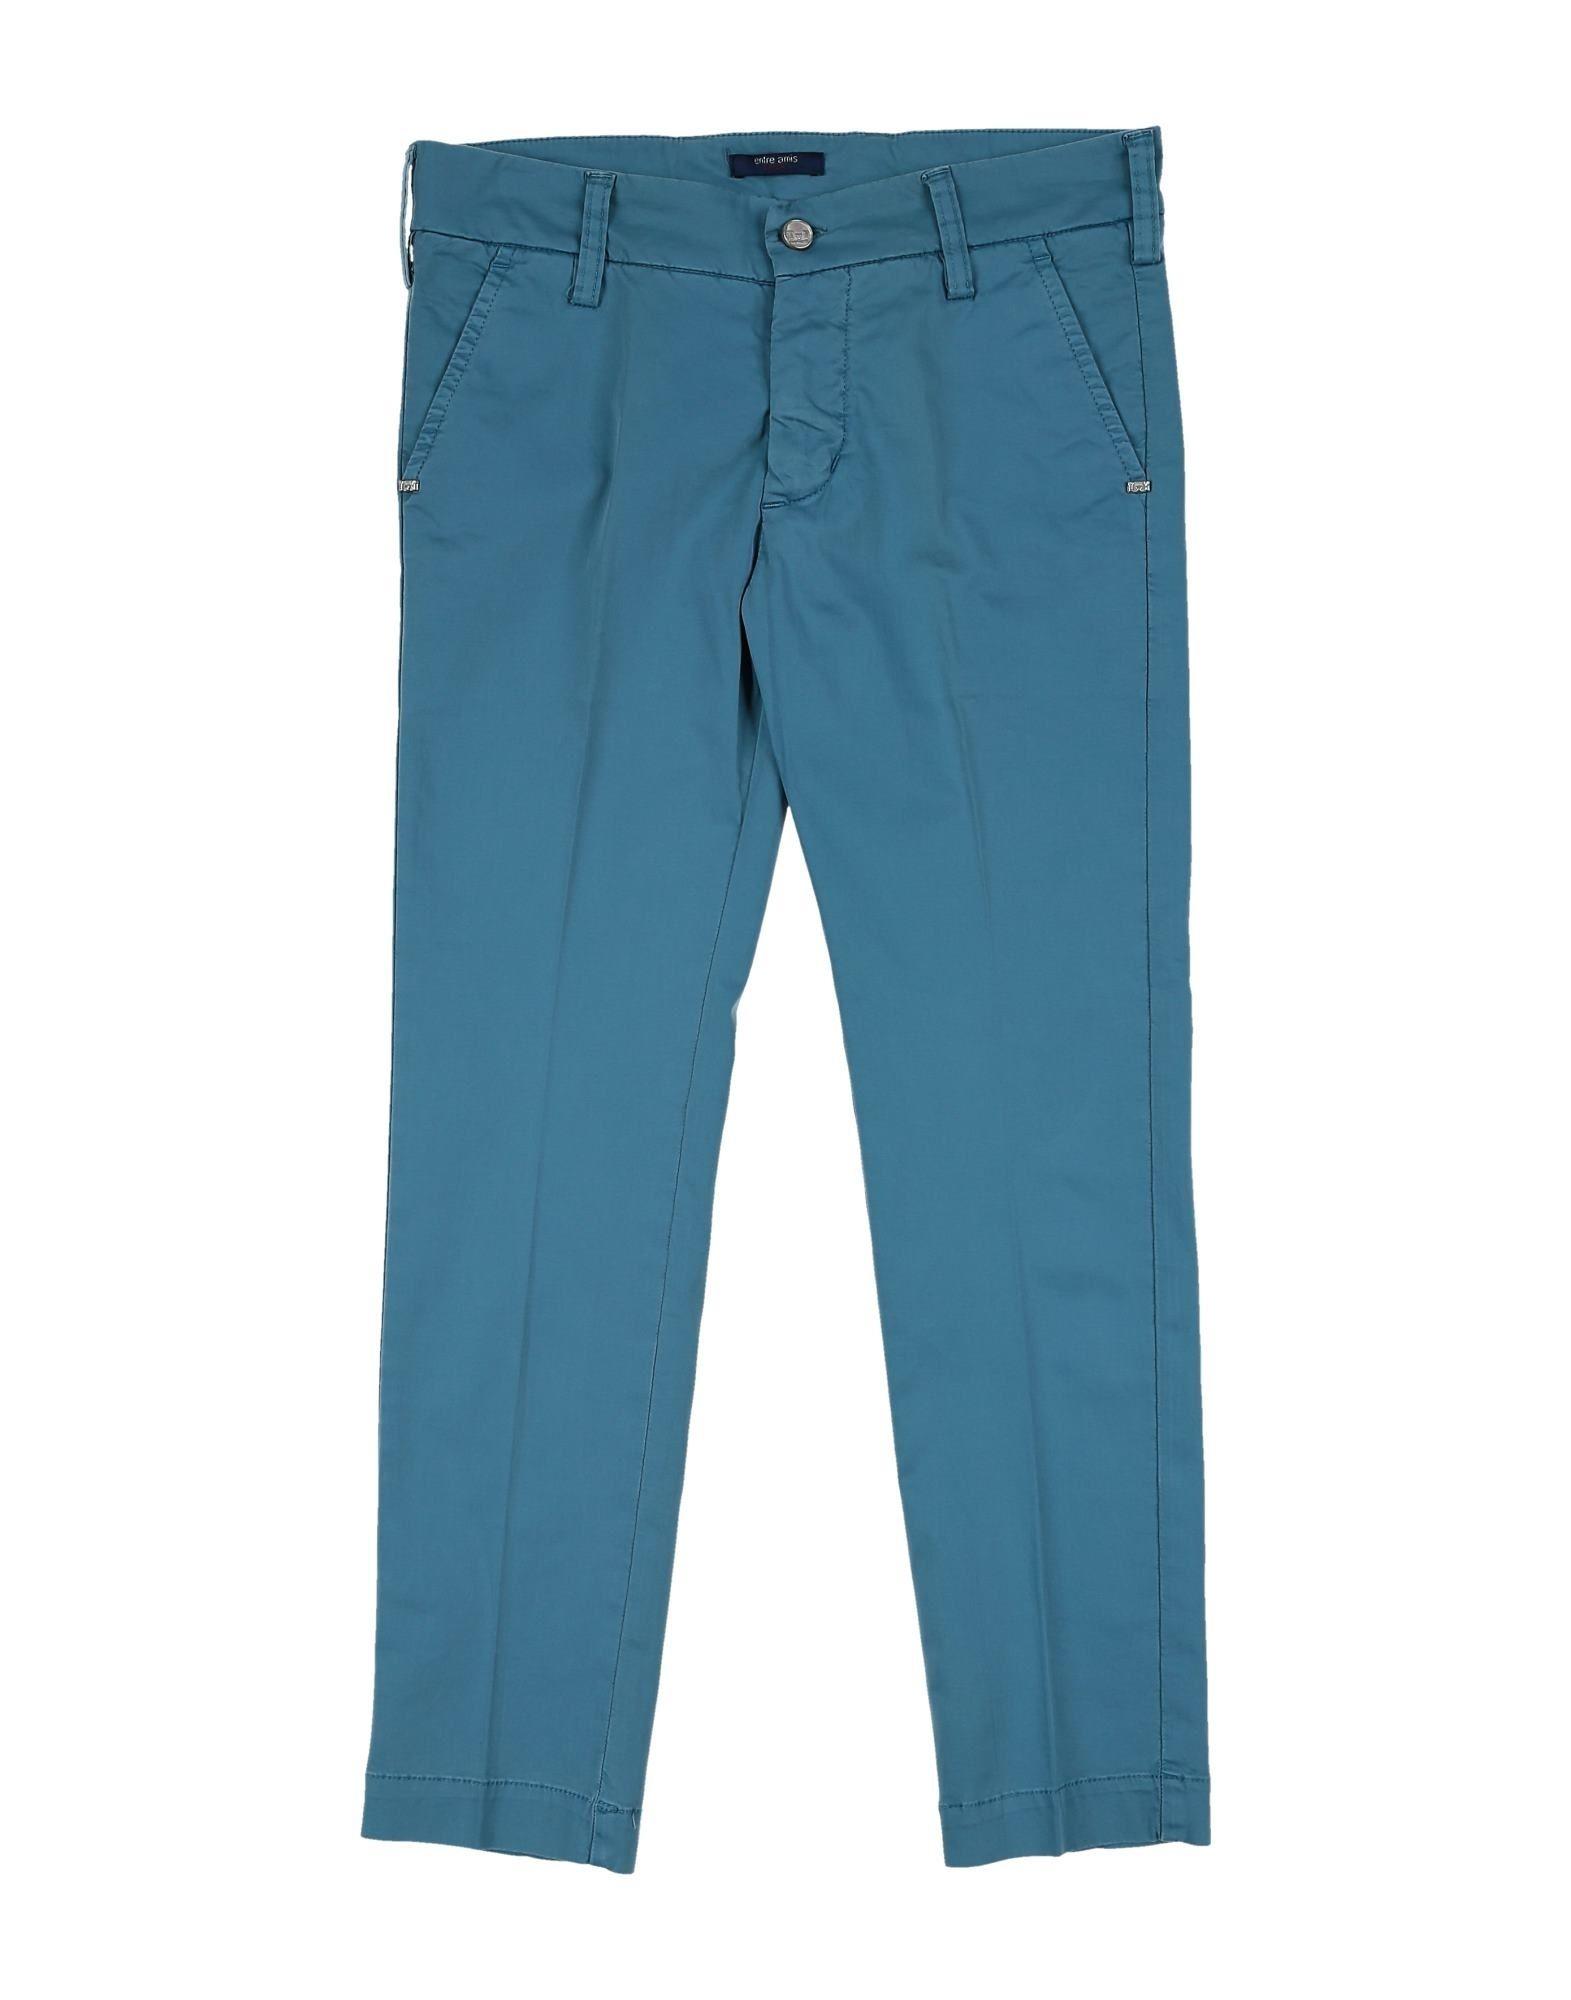 Entre Amis Garçon Kids' Casual Pants In Blue